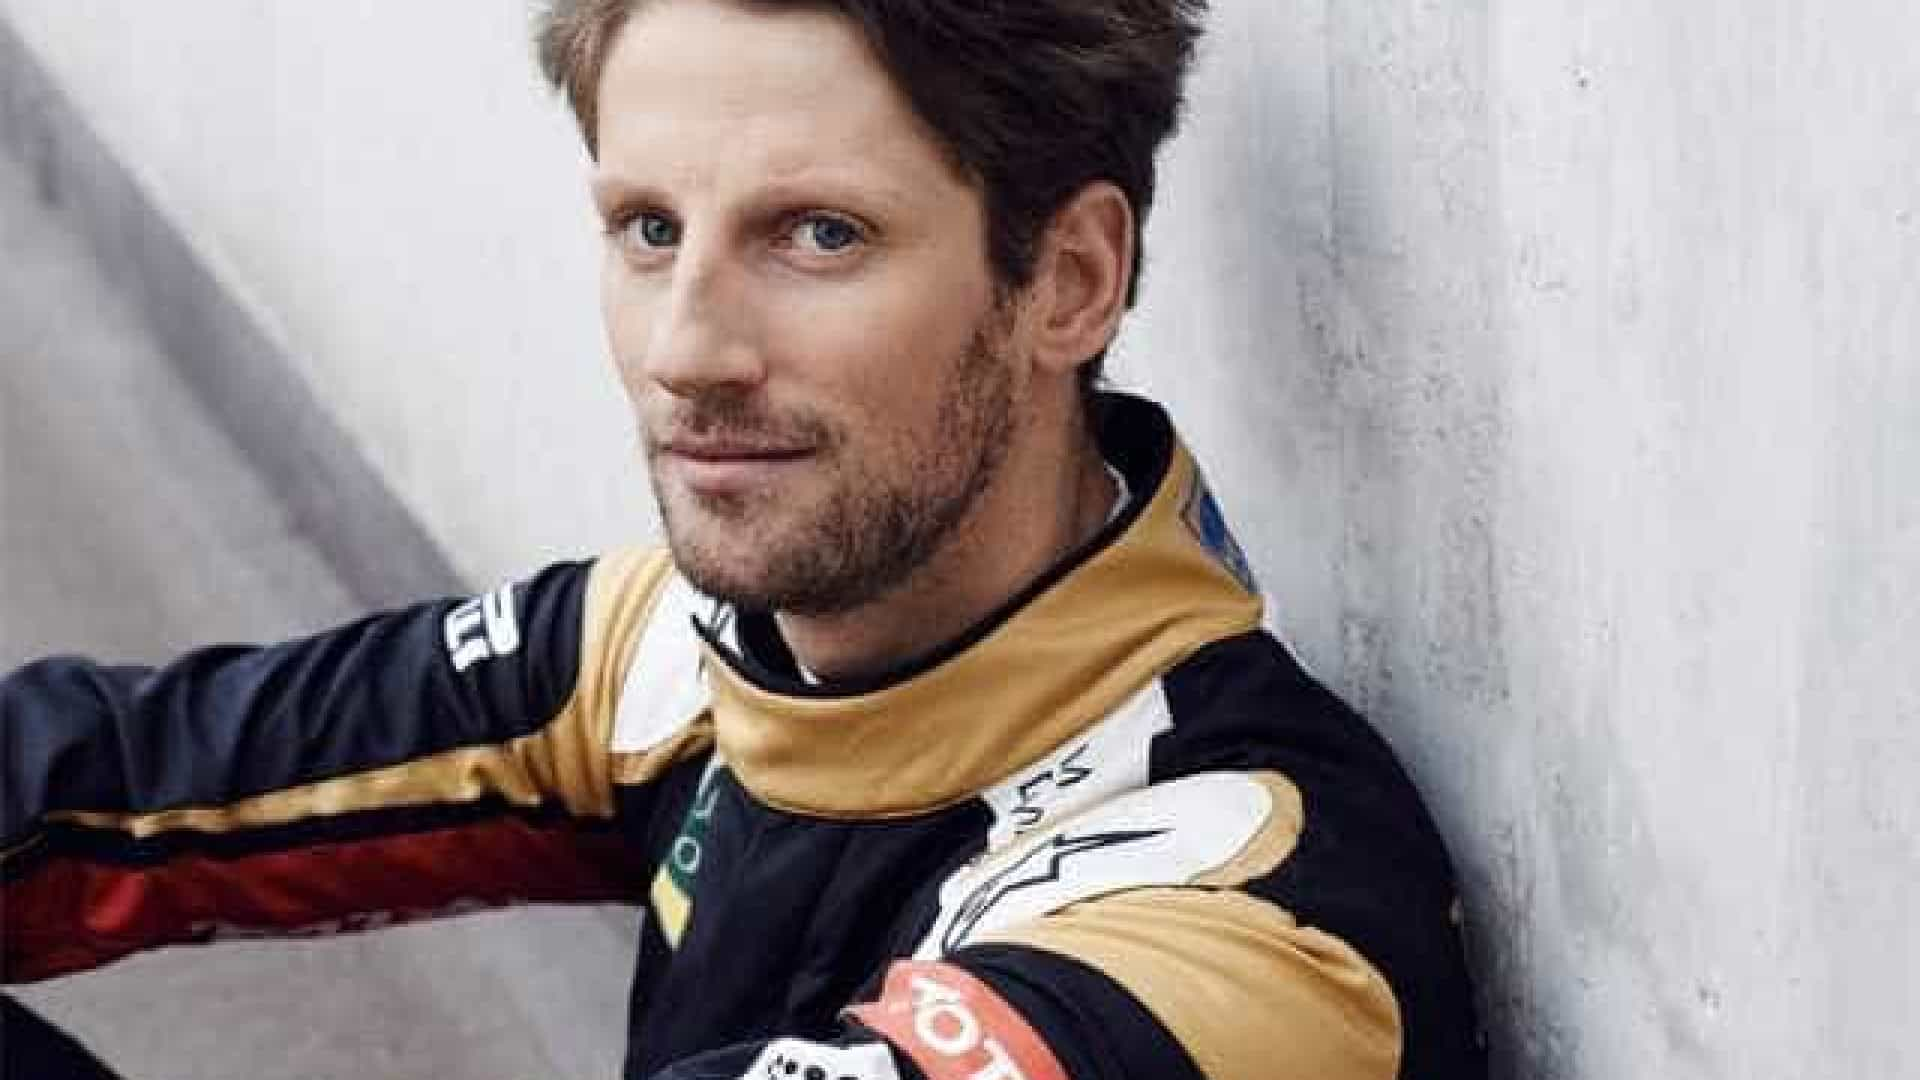 Em relato, Grosjean revela que 'viu a morte chegando' no acidente no Bahrein